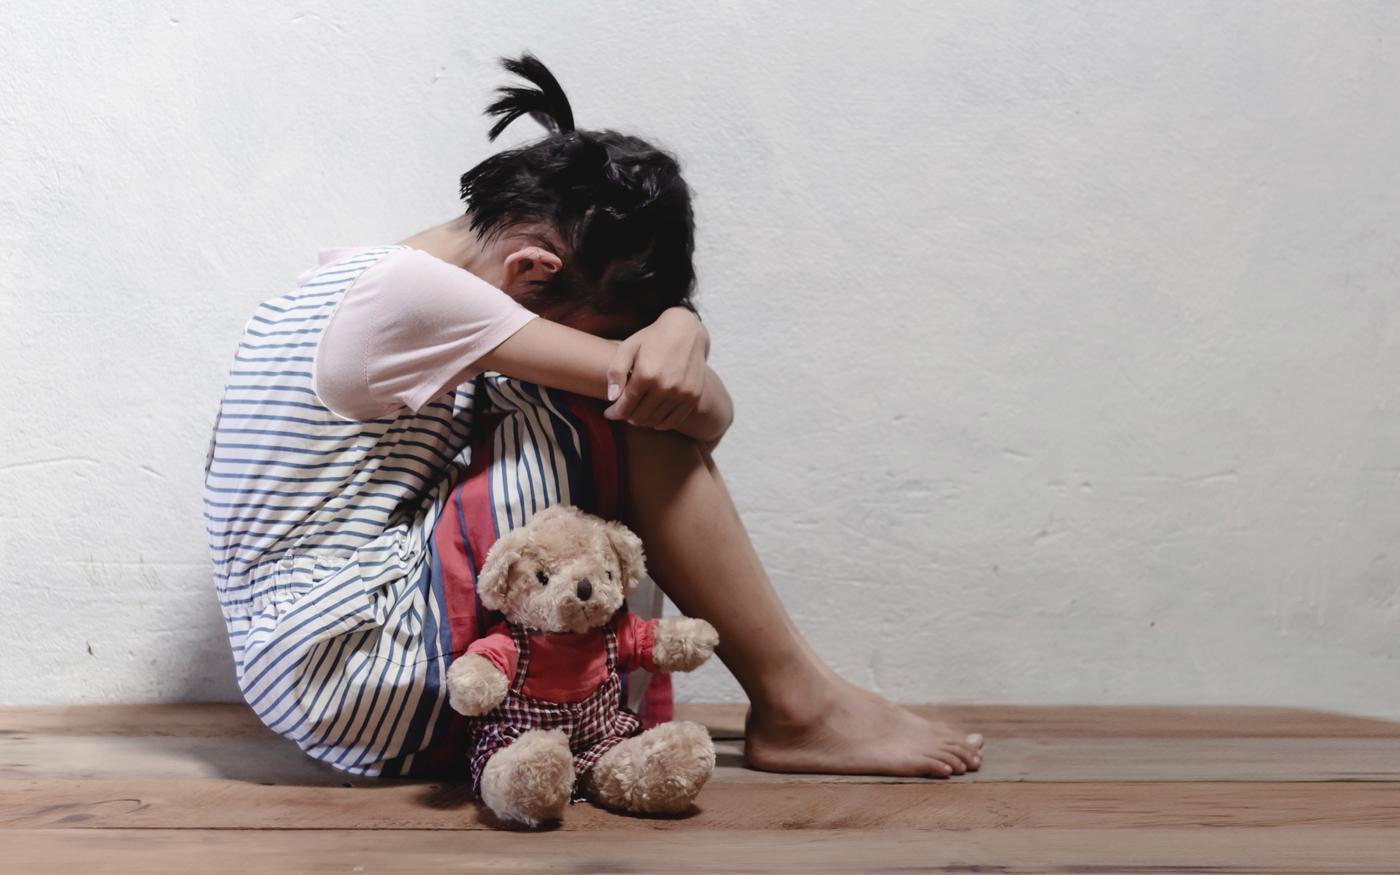 子どもが泣くと怒りが沸く…その負の感情が世代間連鎖を生む!?